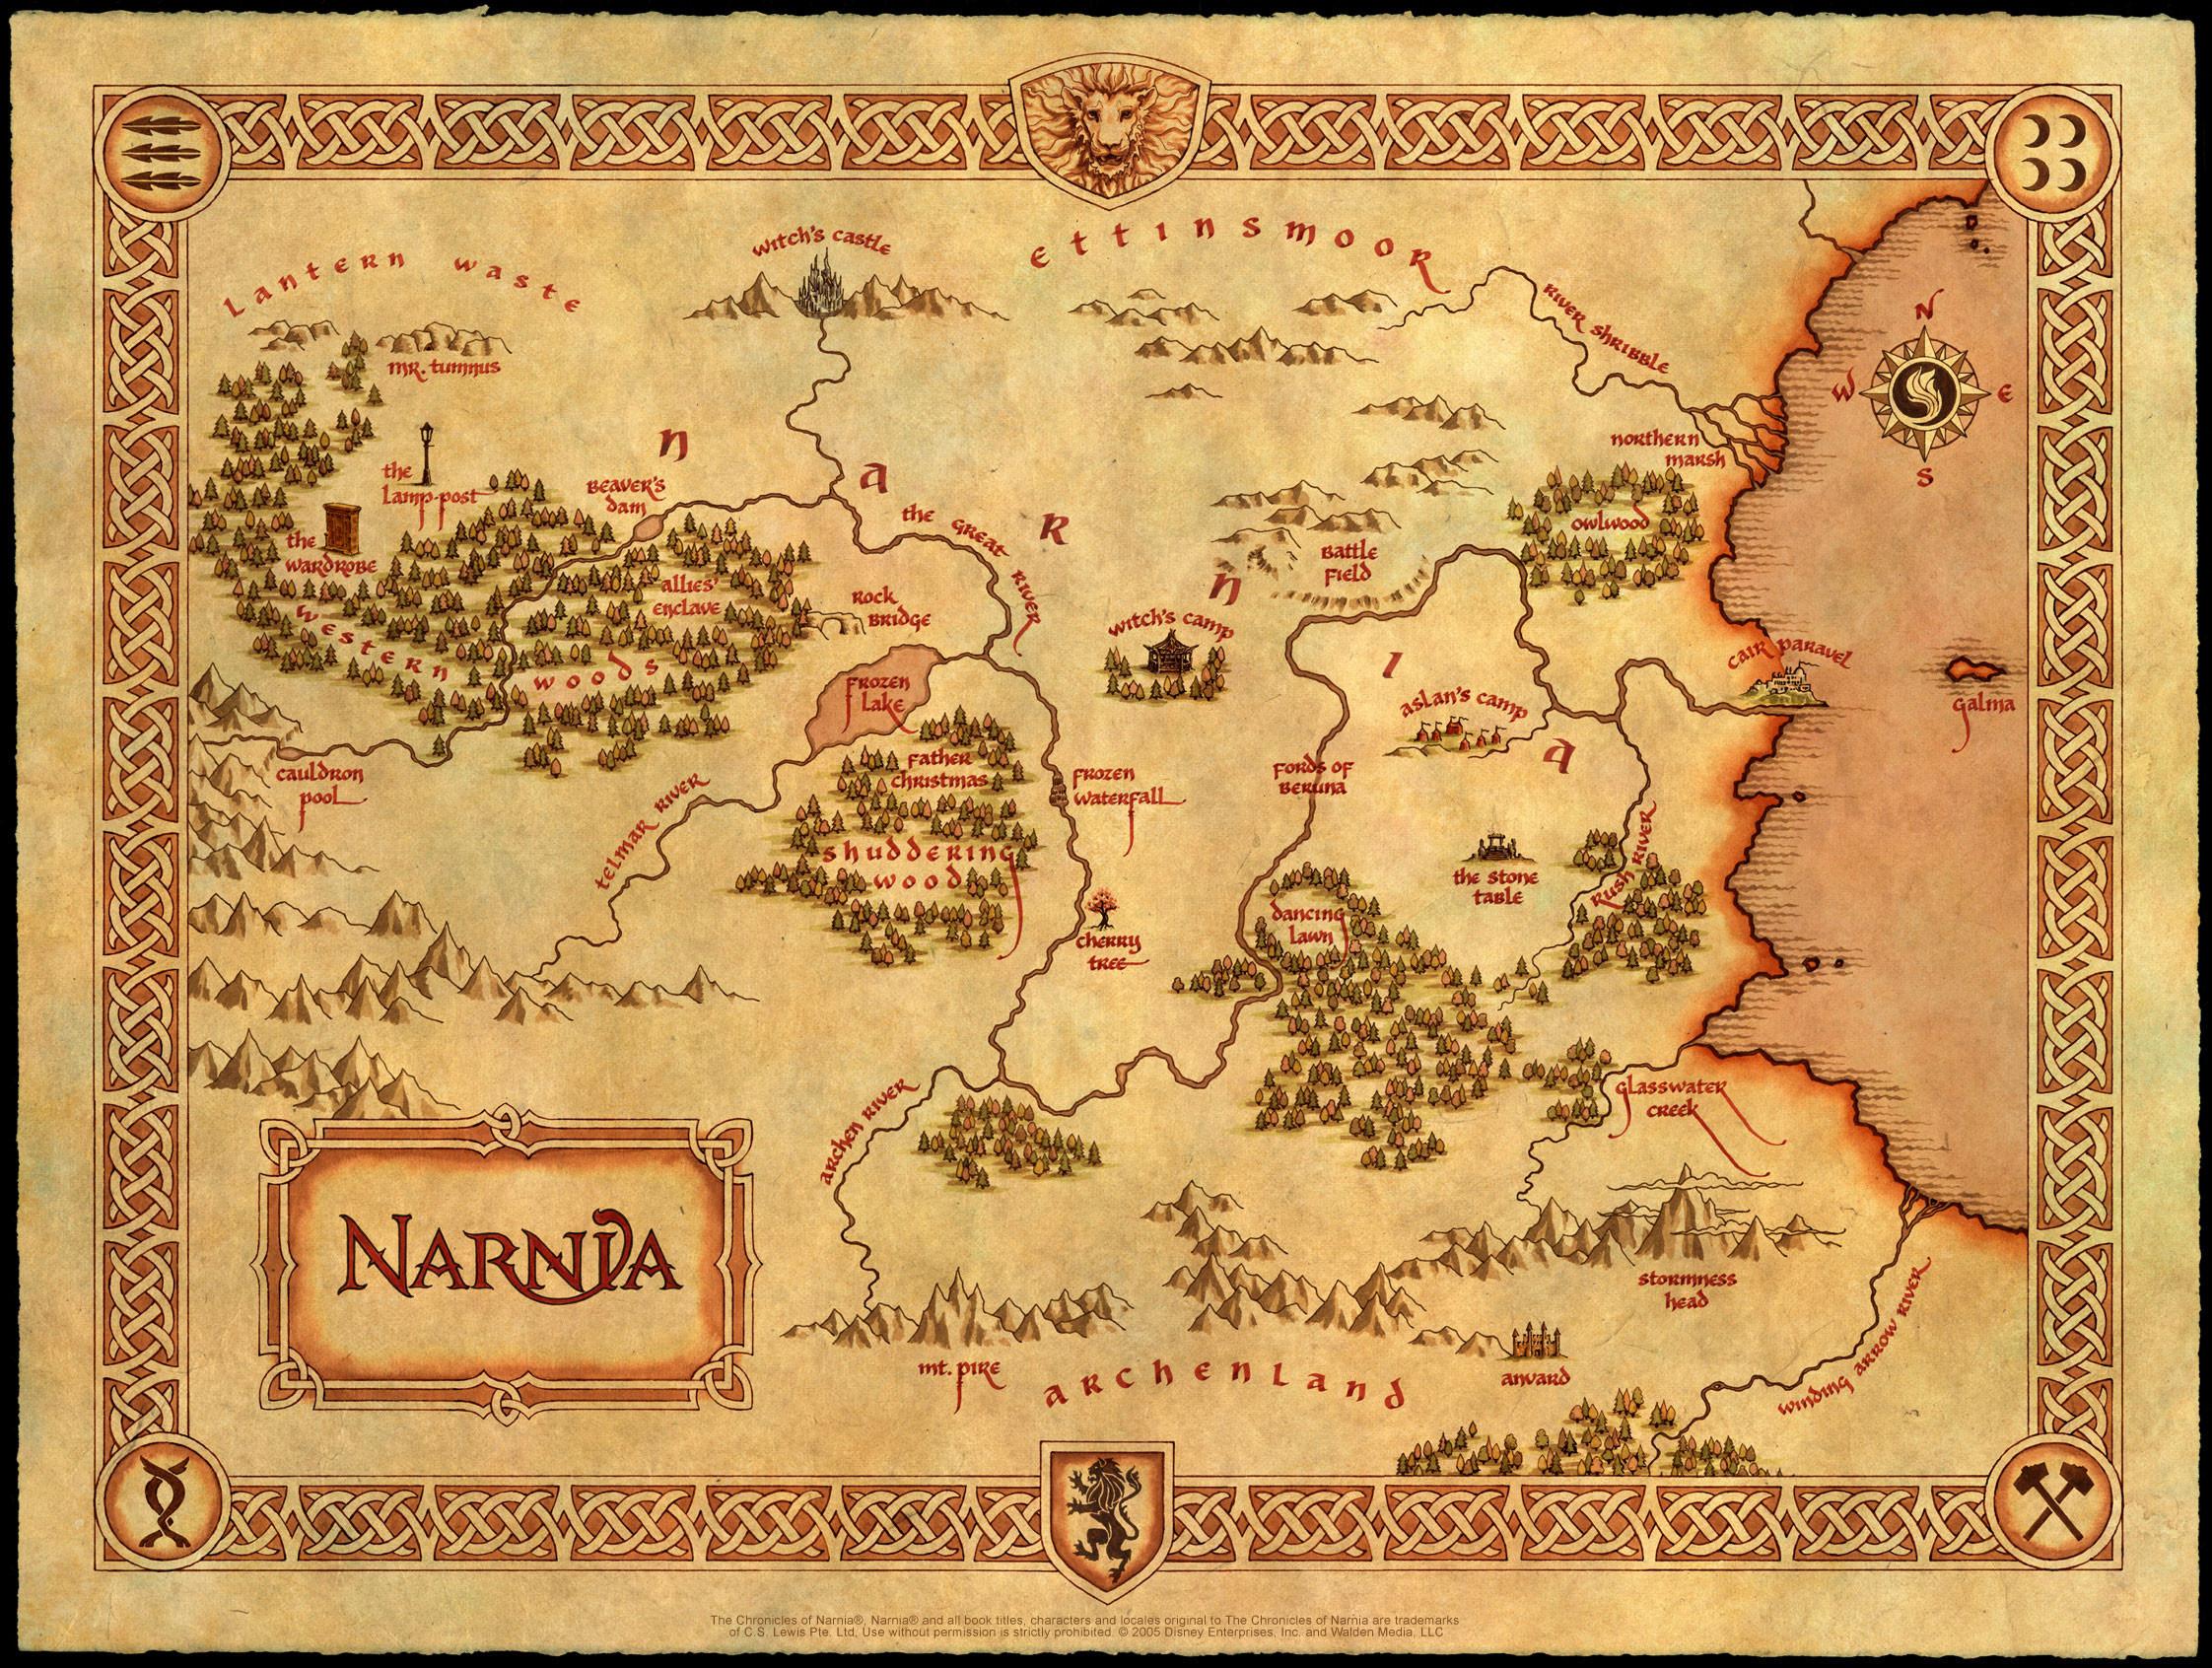 13. Нарния. Несуществующие миры, карты, фэнтези